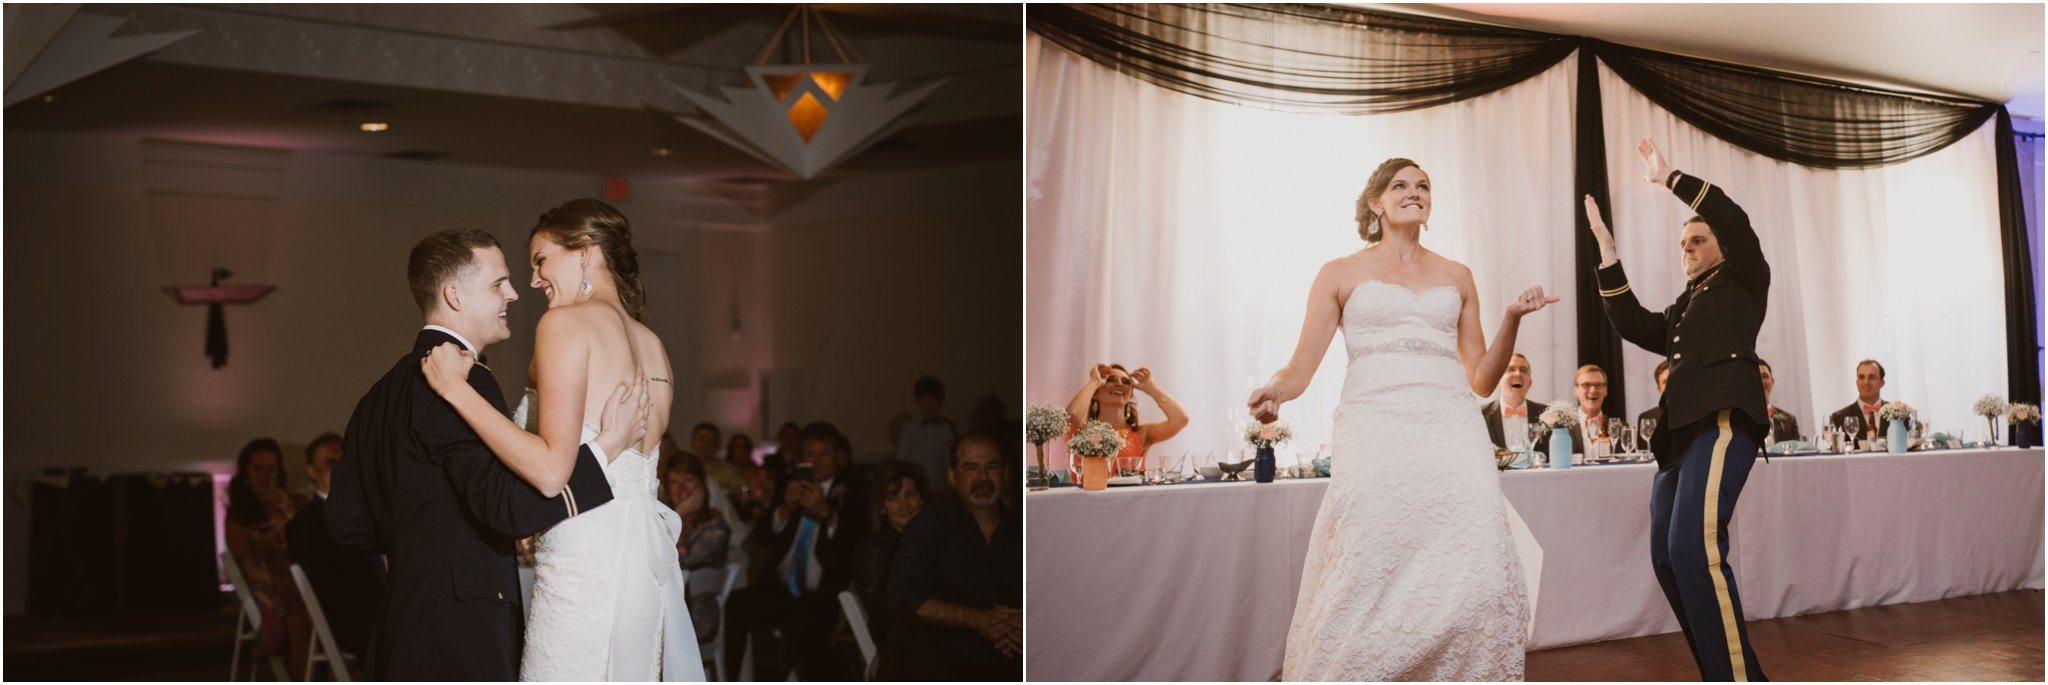 52Blue Rose Photography_ Albuquerque Wedding Photographer_ Santa Fe Wedding Photographers